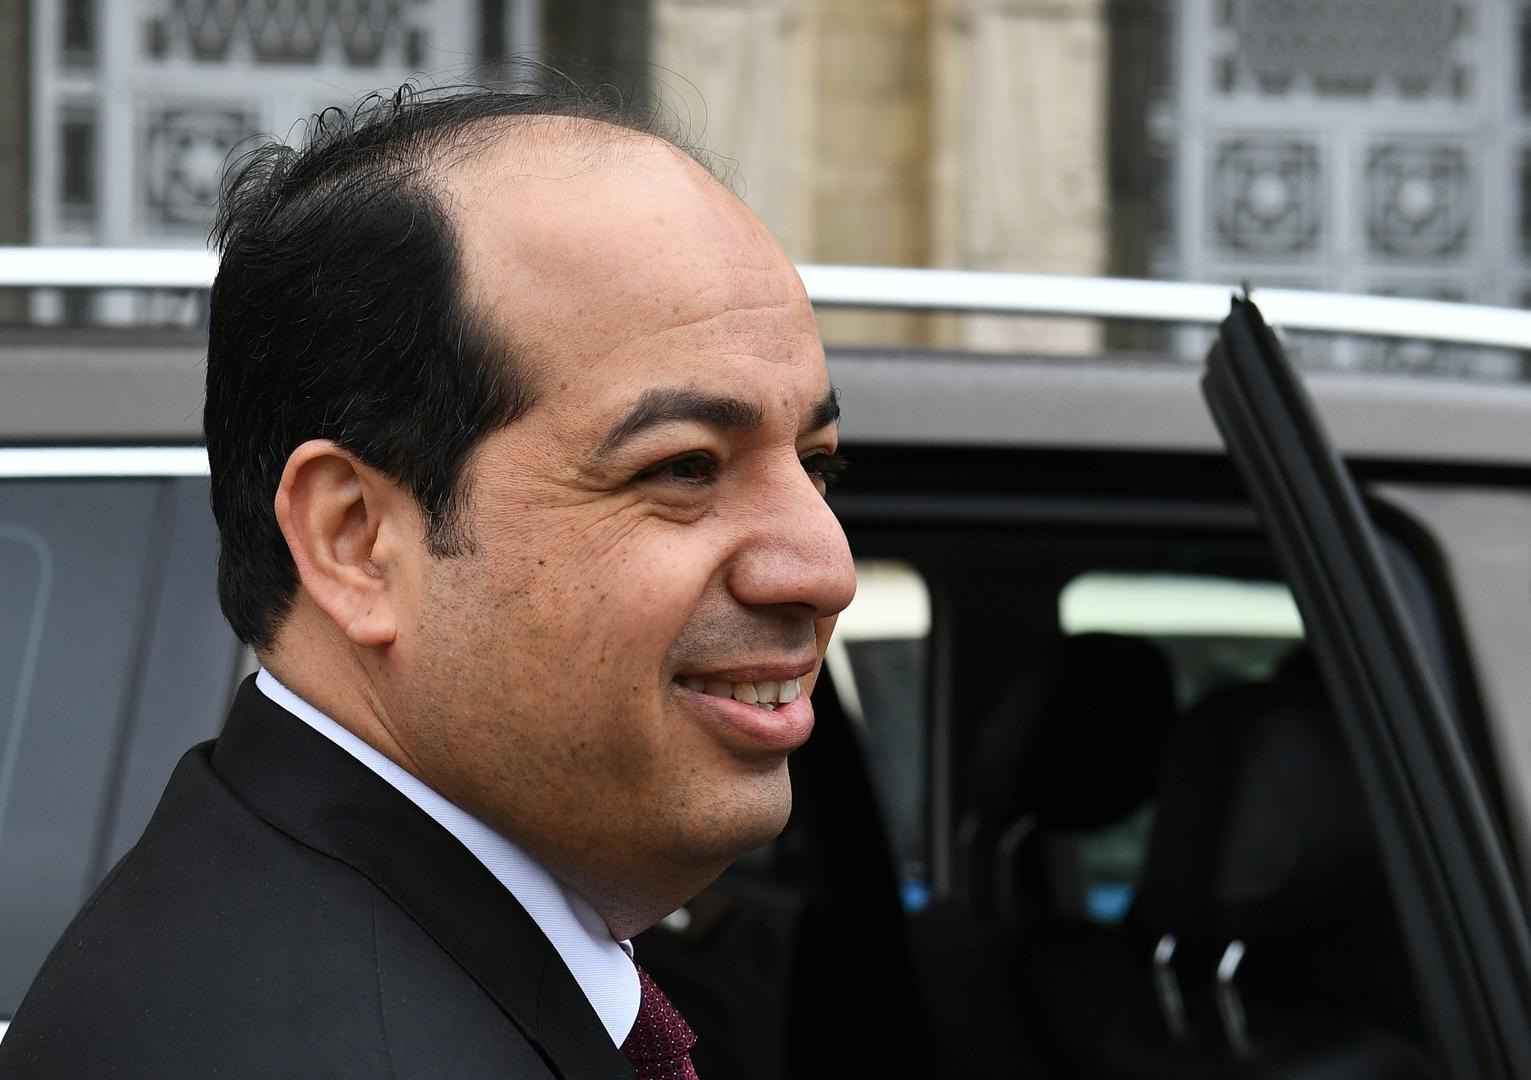 أحمد معيتيق: الادعاء الليبي سيصدر بيانا في الأيام المقبلة بشأن مصير الروسيين المحتجزين في طرابلس